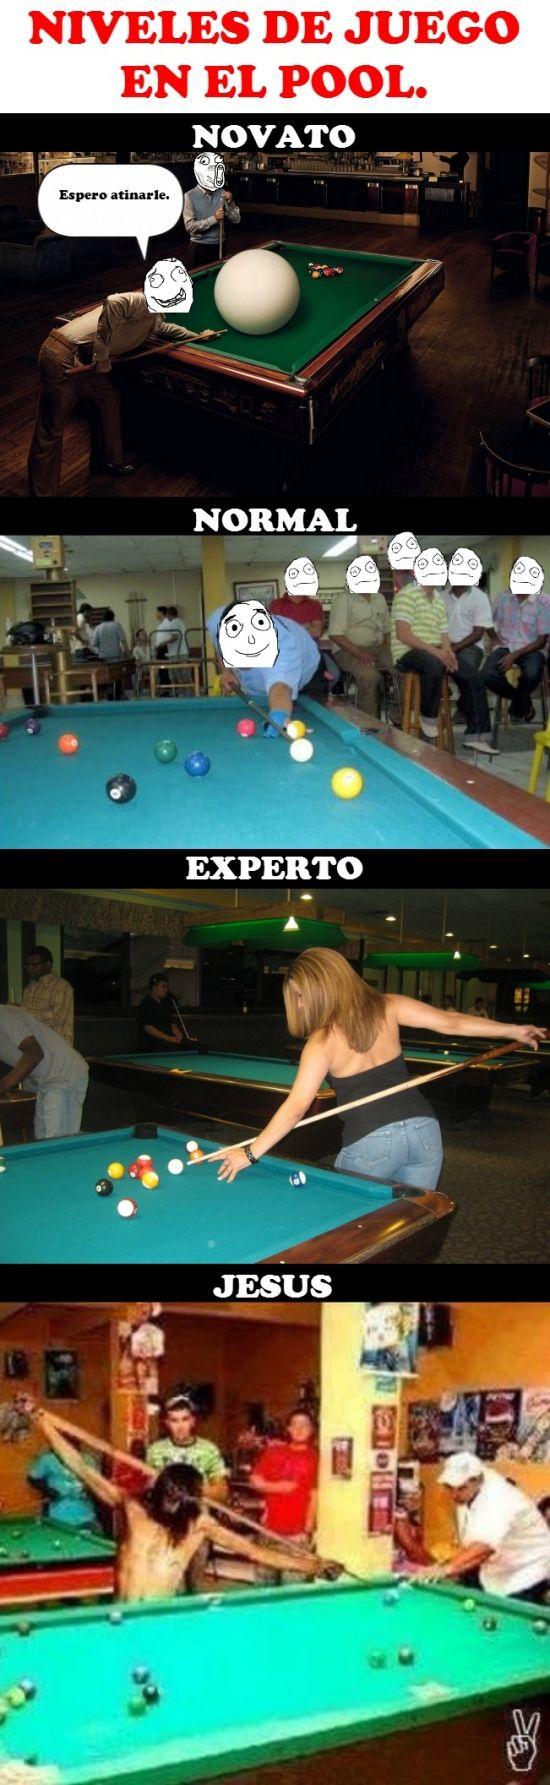 Niveles de juego de Pool (también conocido como billar americano)        Gracias a http://www.cuantocabron.com/   Si quieres leer la noticia completa visita: http://www.estoy-aburrido.com/niveles-de-juego-de-pool-tambien-conocido-como-billar-americano/